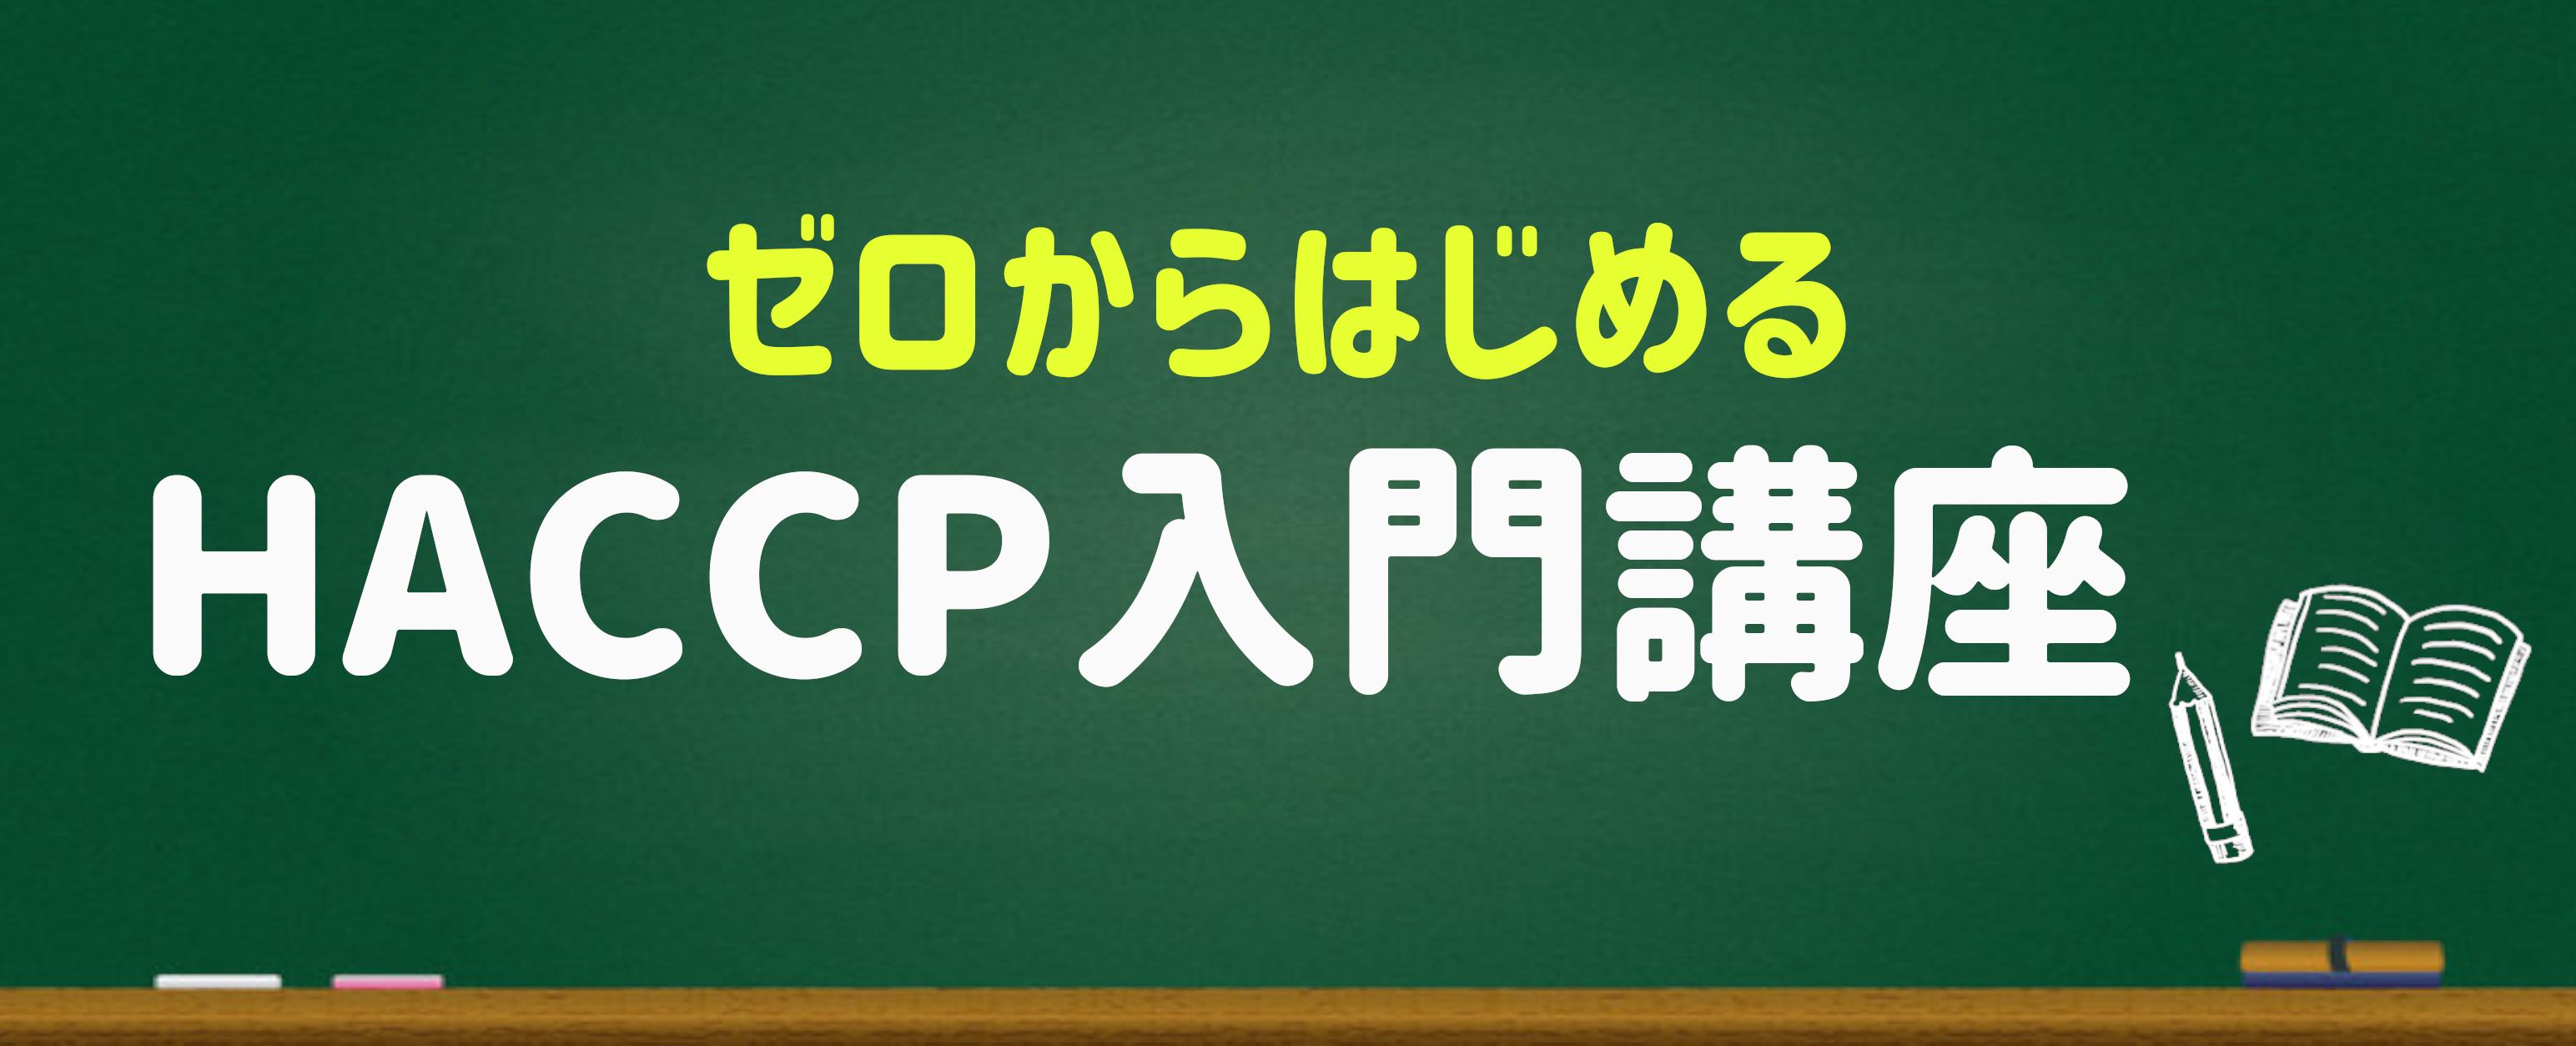 HACCP入門講座